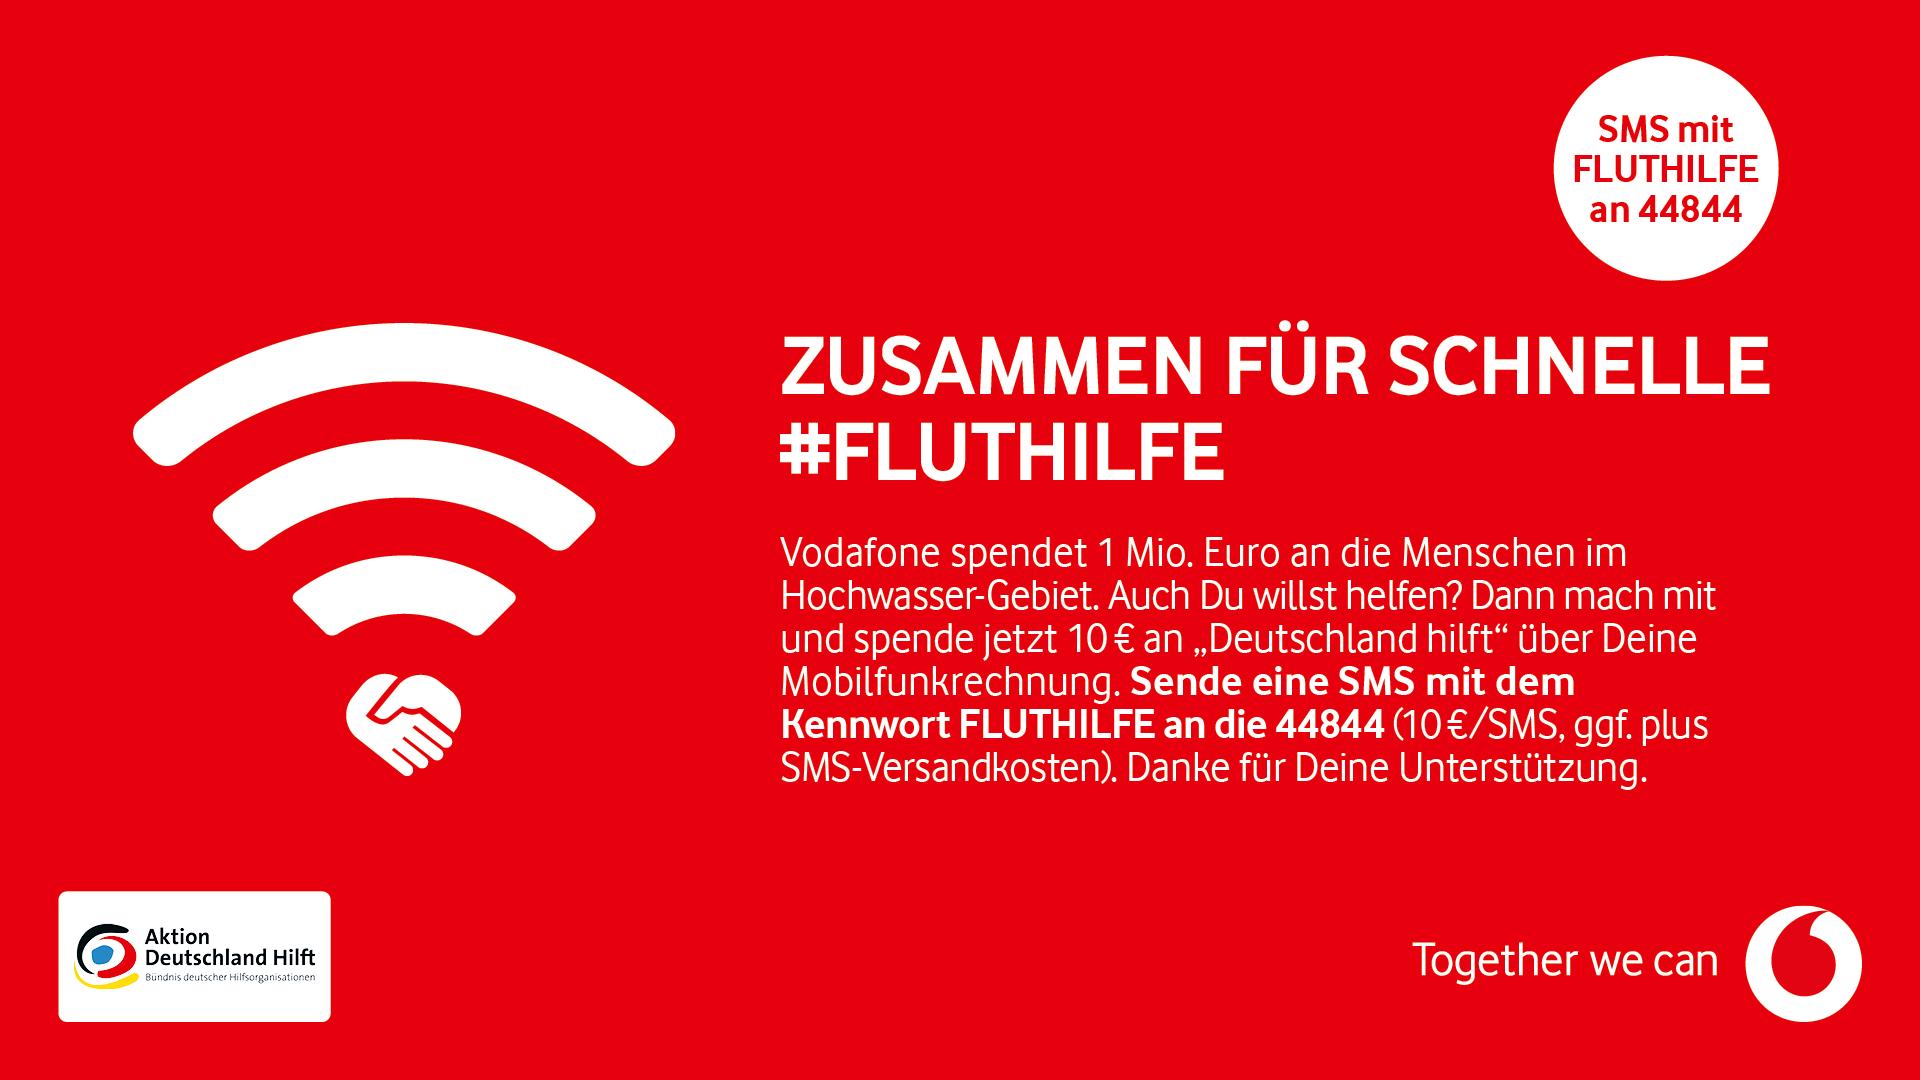 Ein Spendenaufruf von Vodafone für Betroffene der Hochwasserkatastrophe in Deutschland 2021.